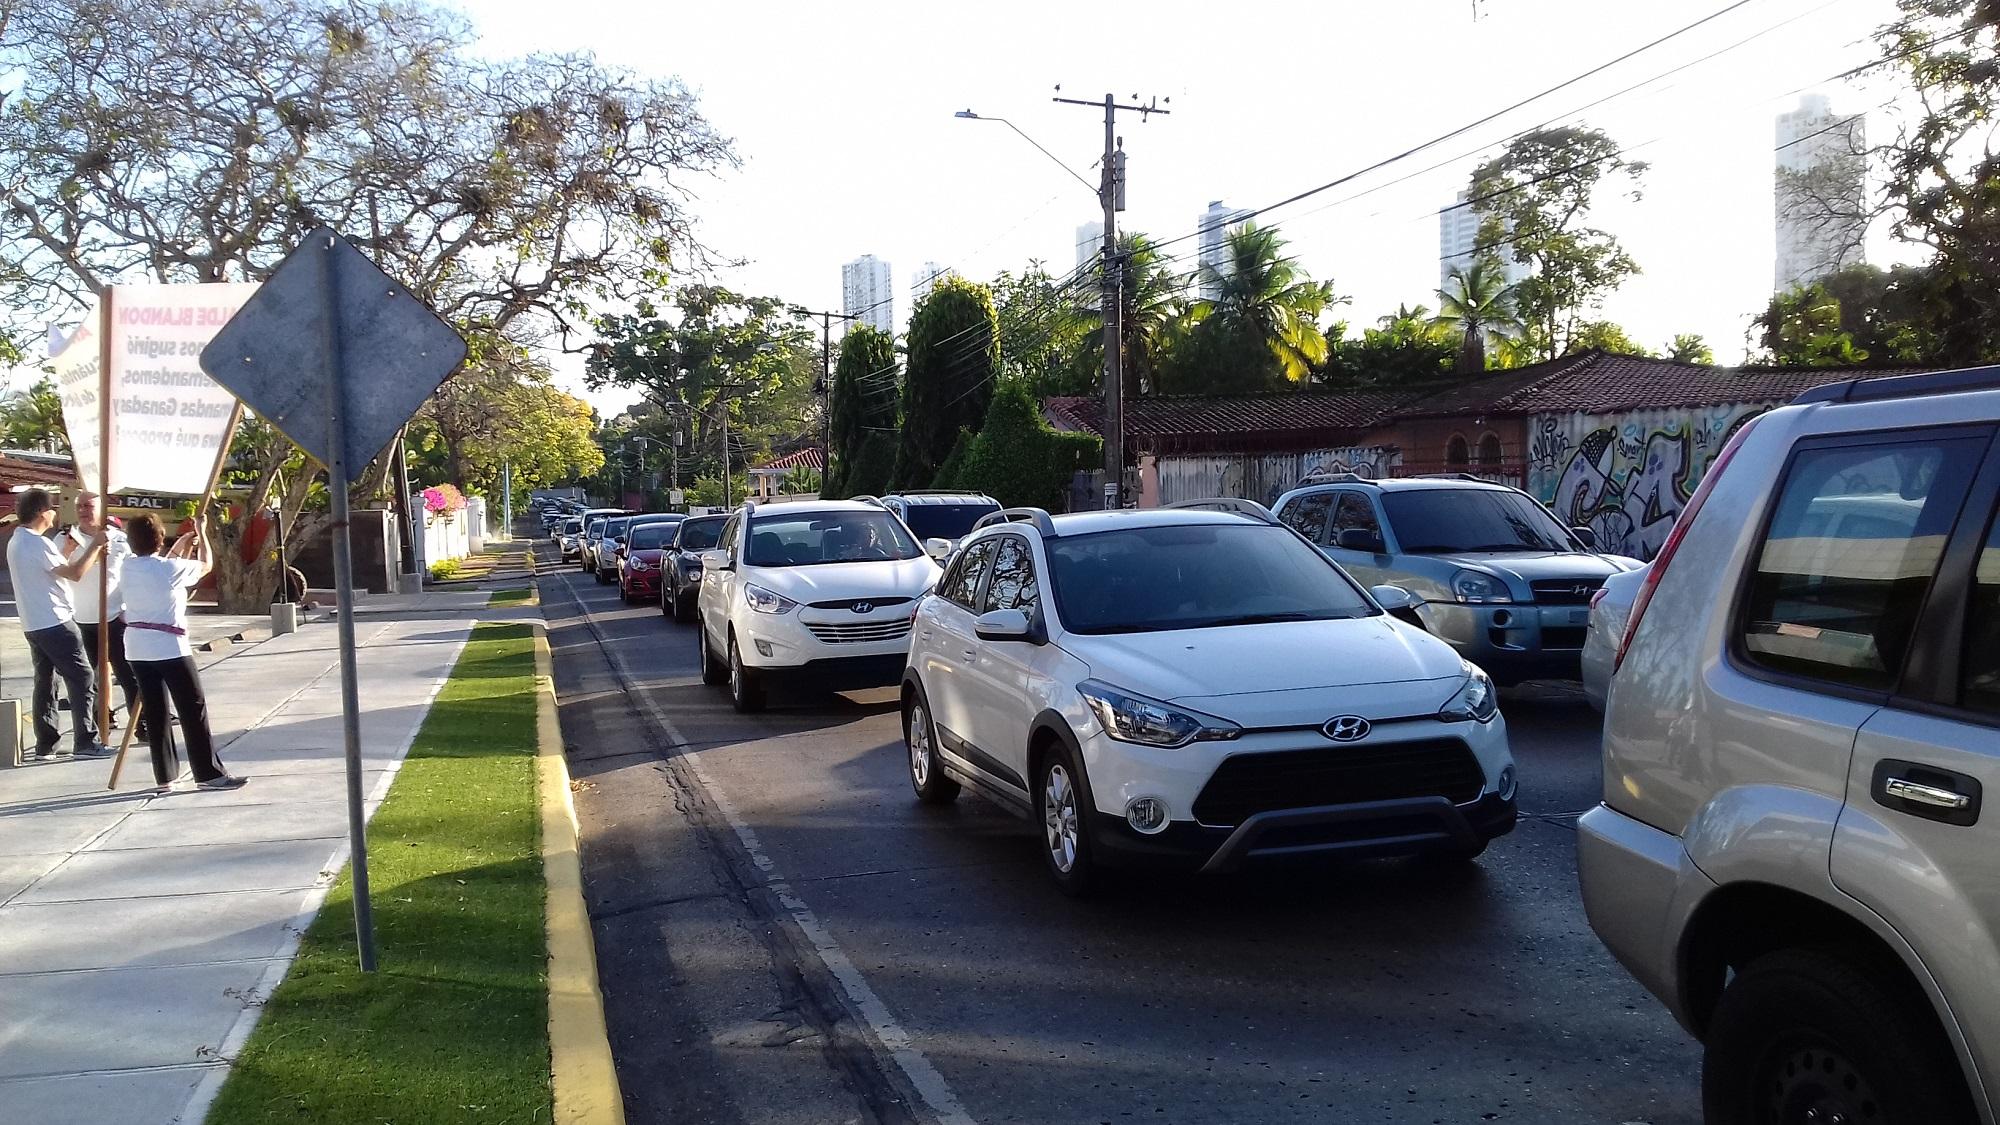 El tráfico se ha incrementado en esta avenida como ruta alterna a vía Cincuentenario